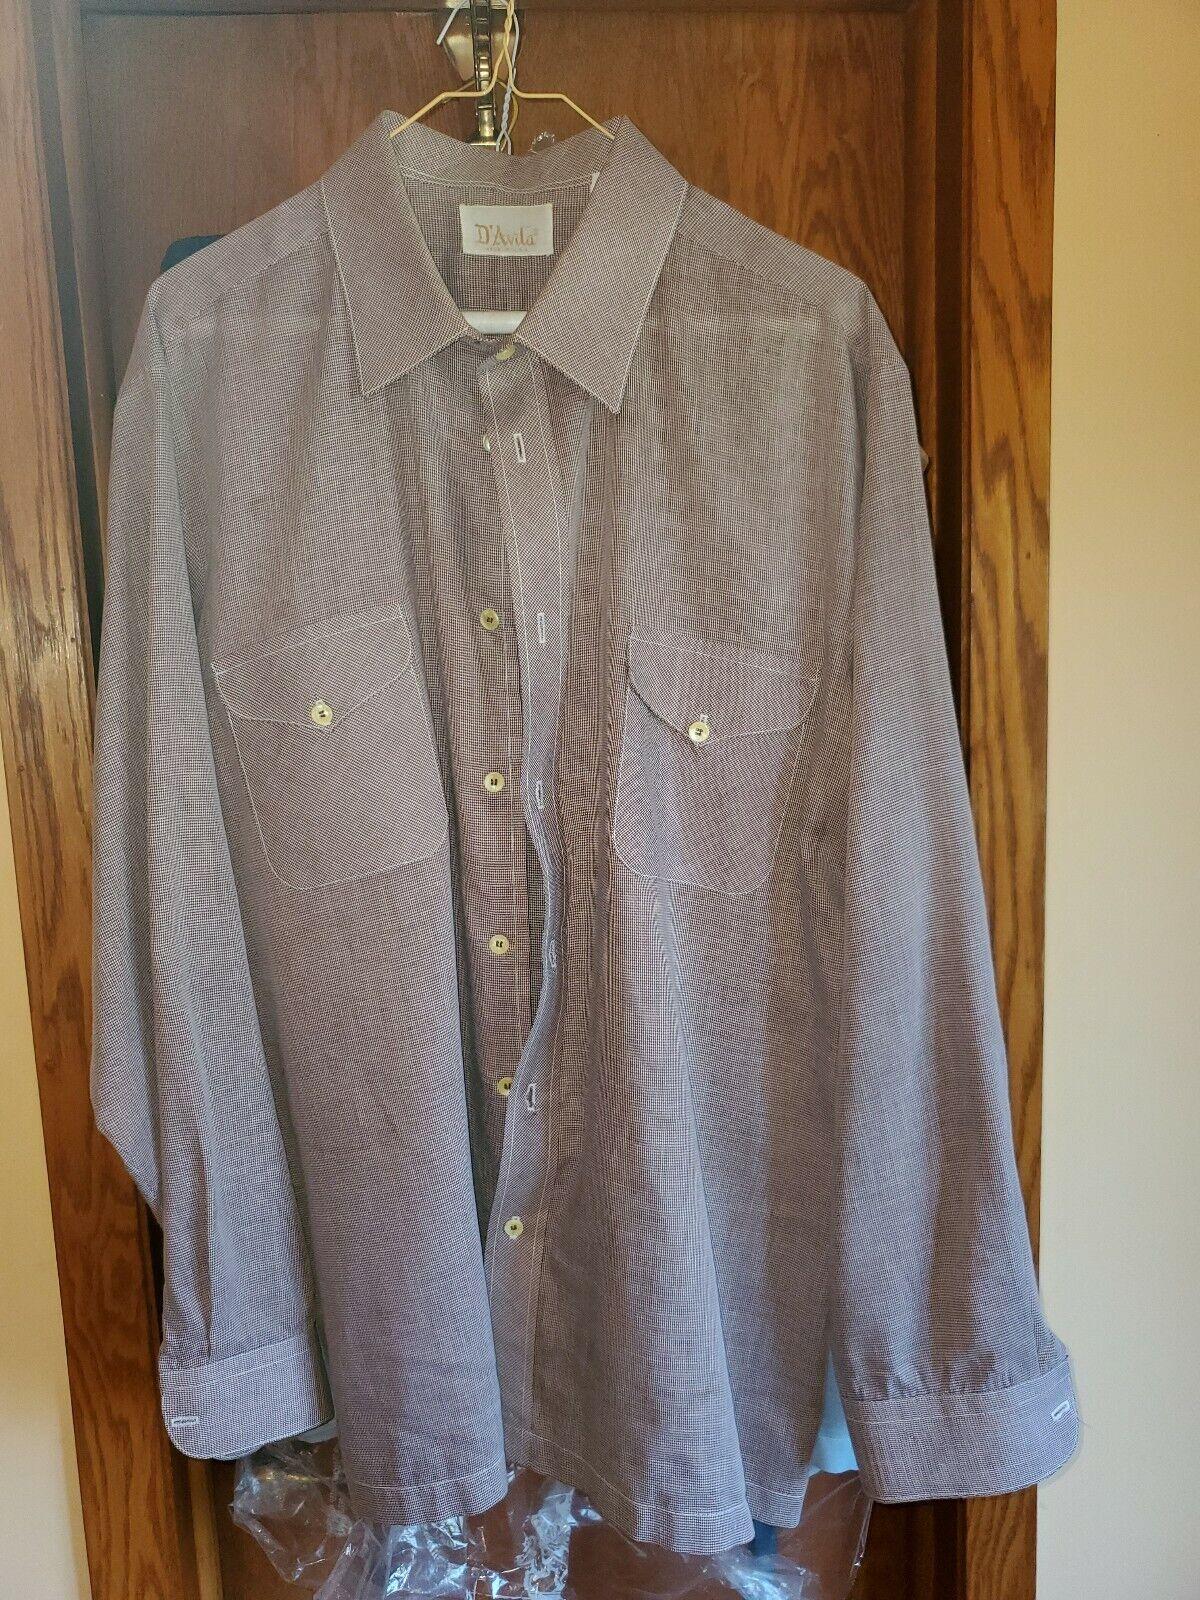 Vintage men's shirt XL 60's/ 70's - image 3